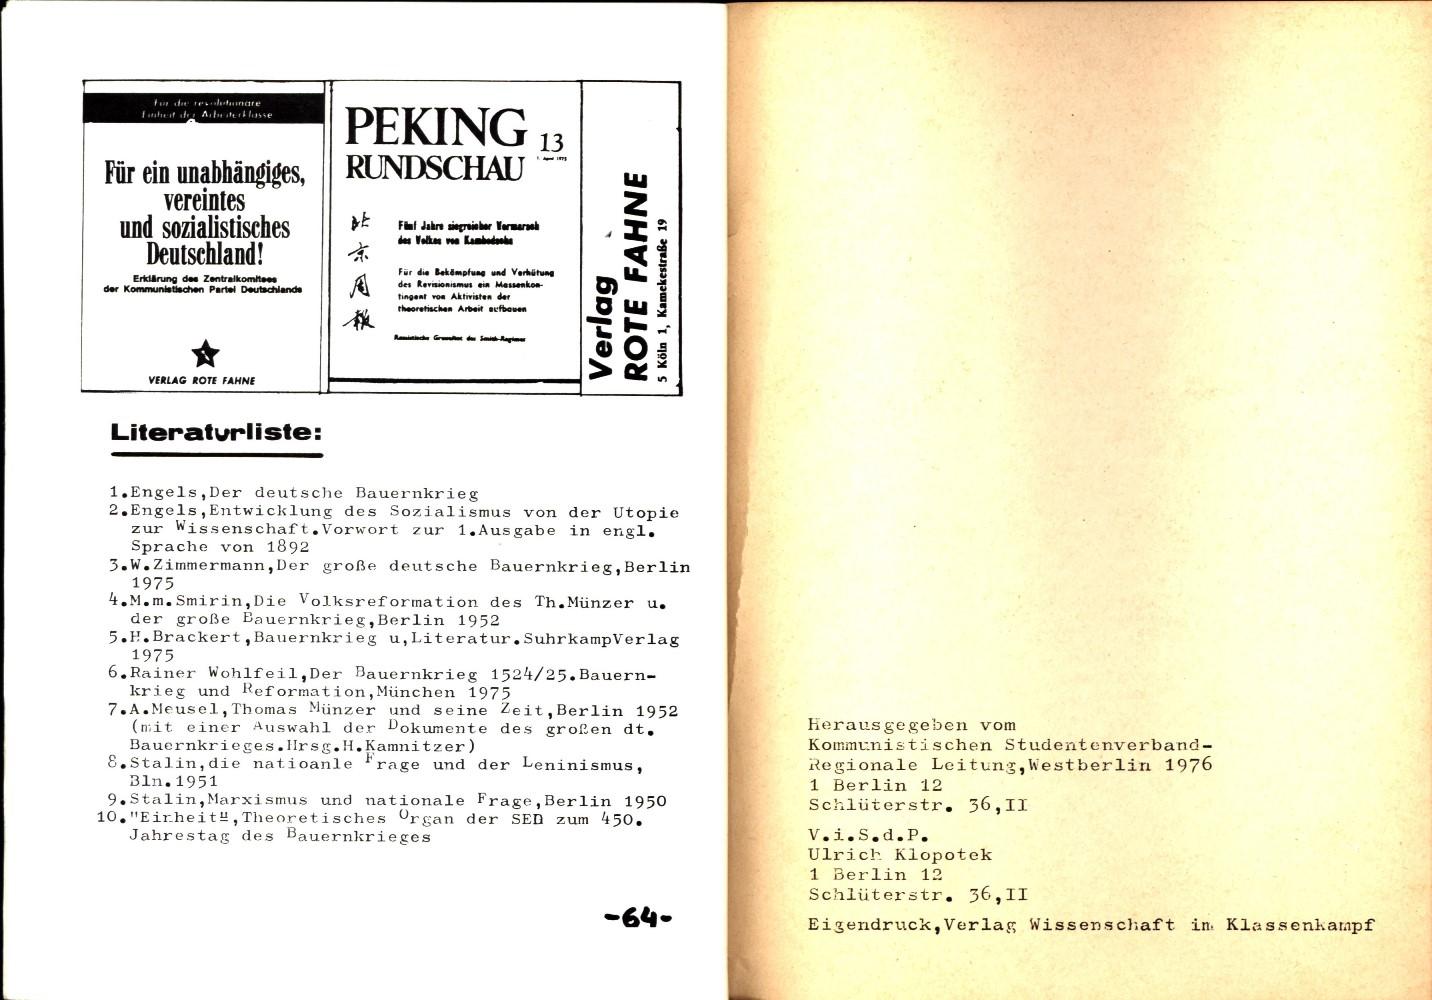 Berlin_KSV_1976_Wochenendseminare_Geschichte_01_34